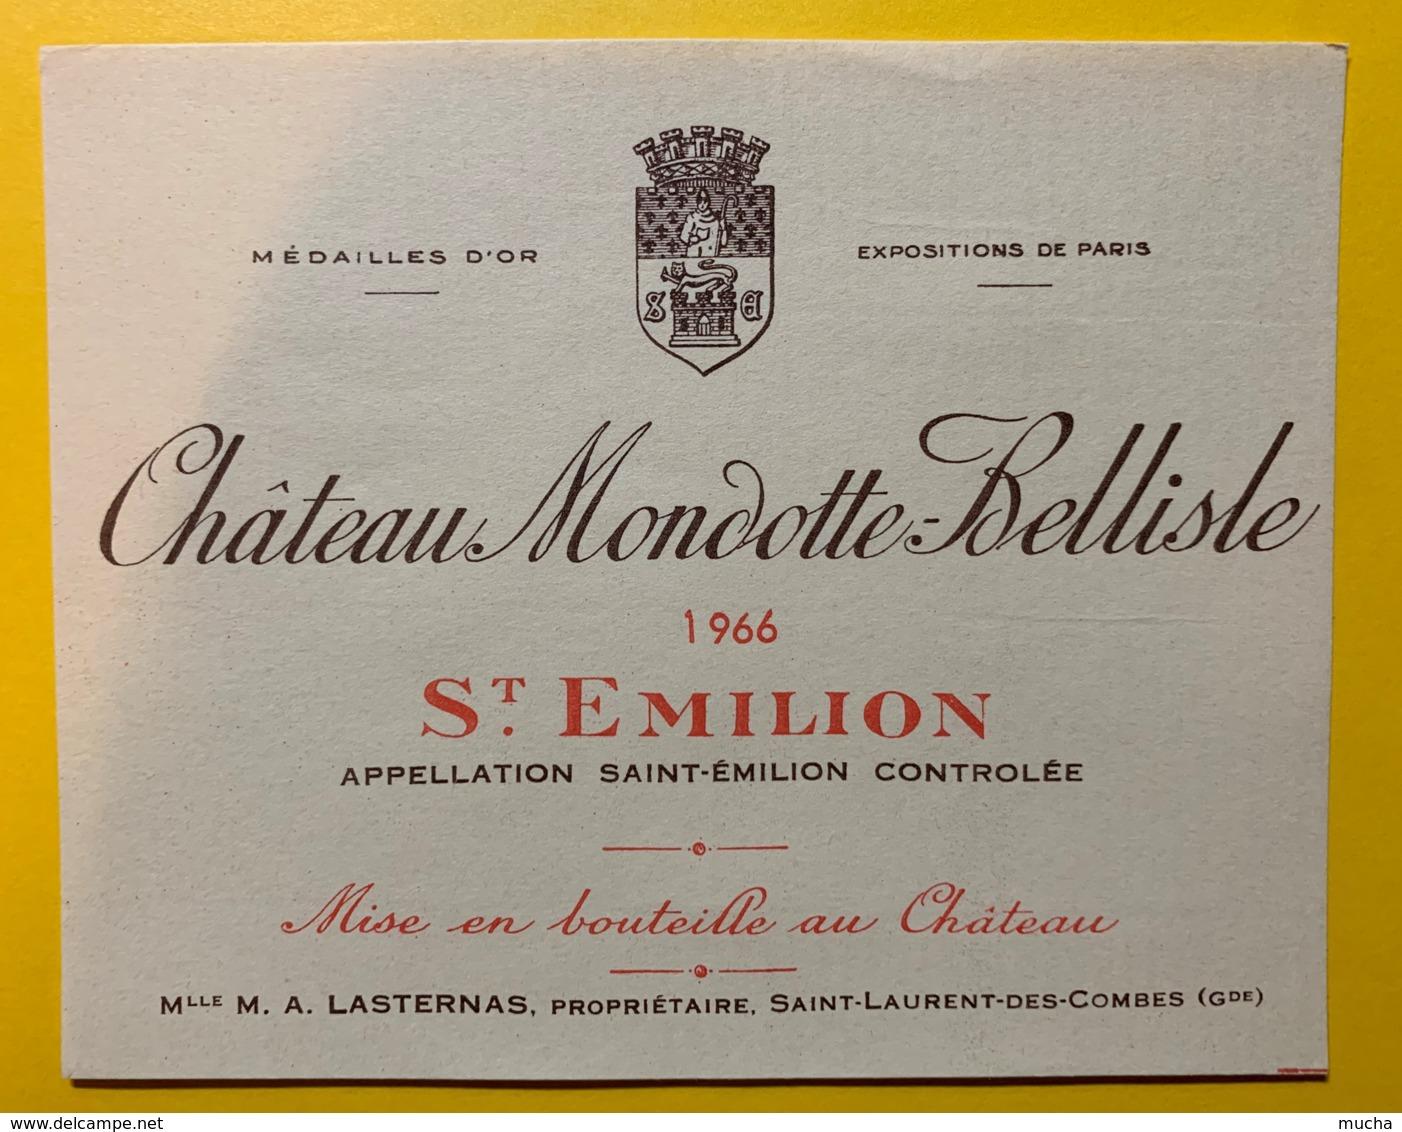 10219 - Château Mondotte-Bellisle 1966  Saint Emilion - Bordeaux